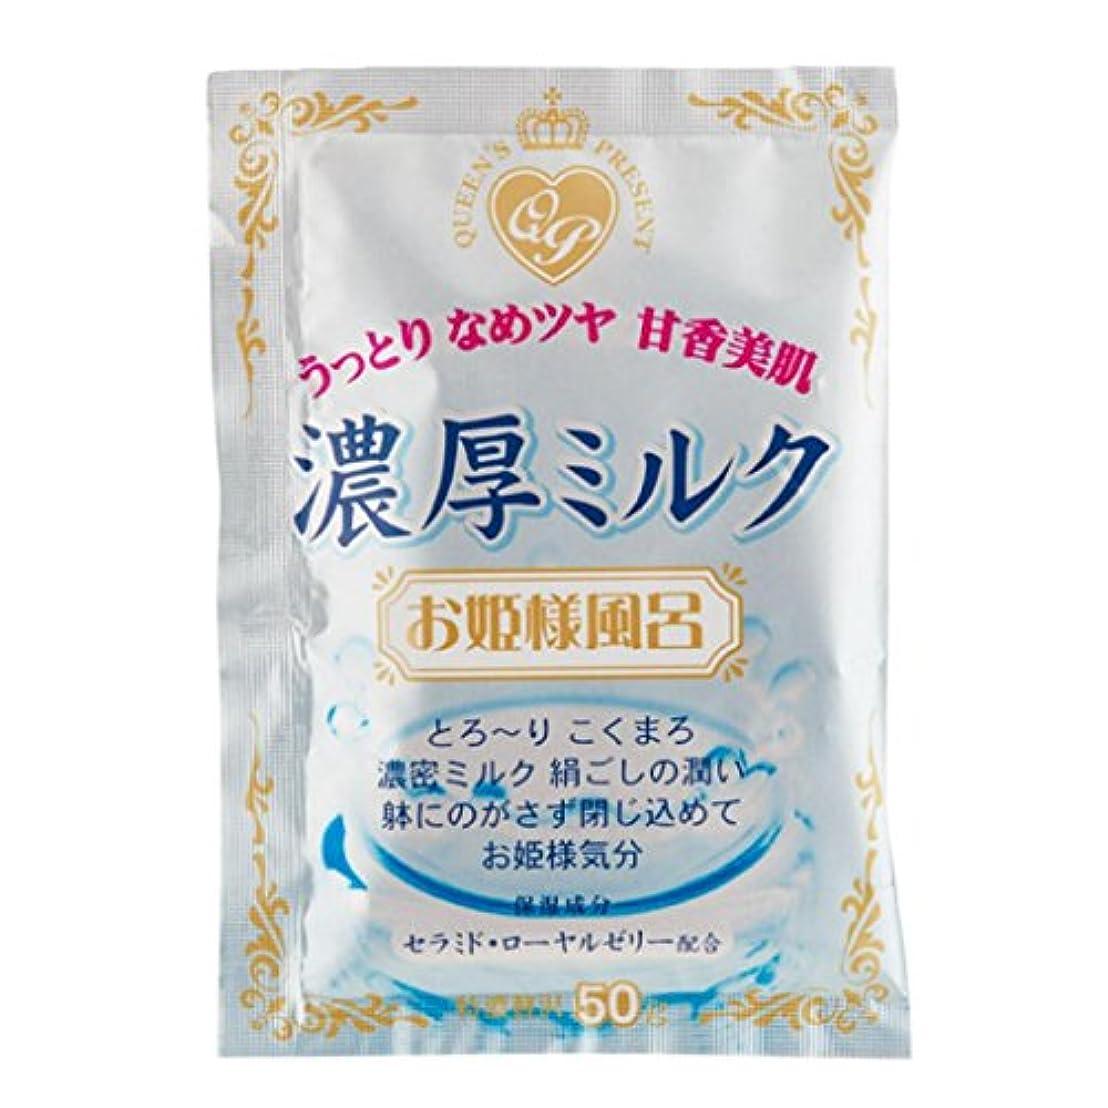 クール全体同等の紀陽除虫菊 お姫様風呂  濃厚ミルク【まとめ買い12個セット】 N-8160